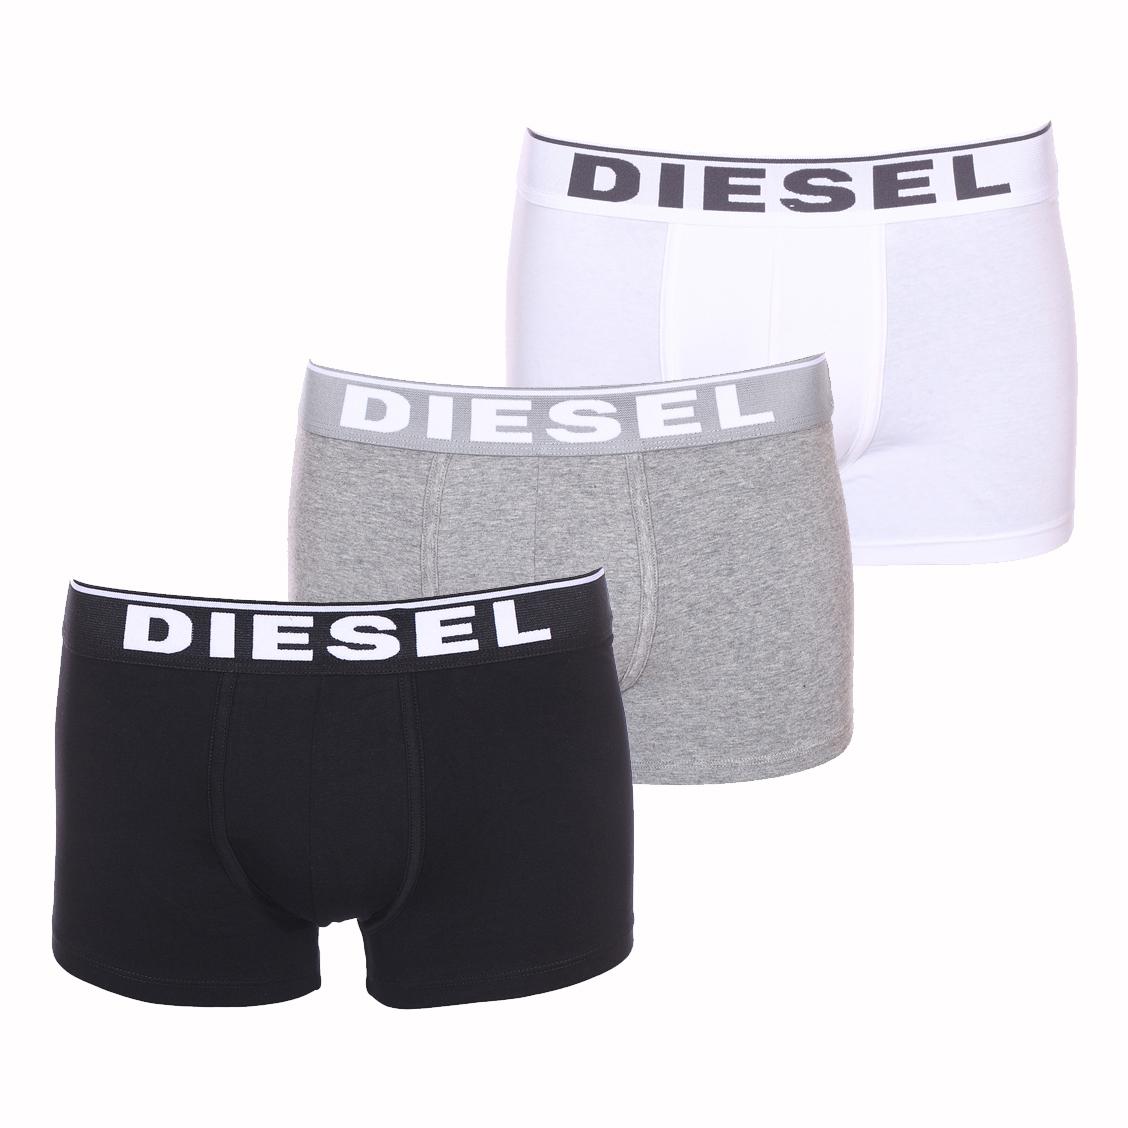 Lot de 3 boxers diesel damien en coton stretch noir, blanc et gris chiné